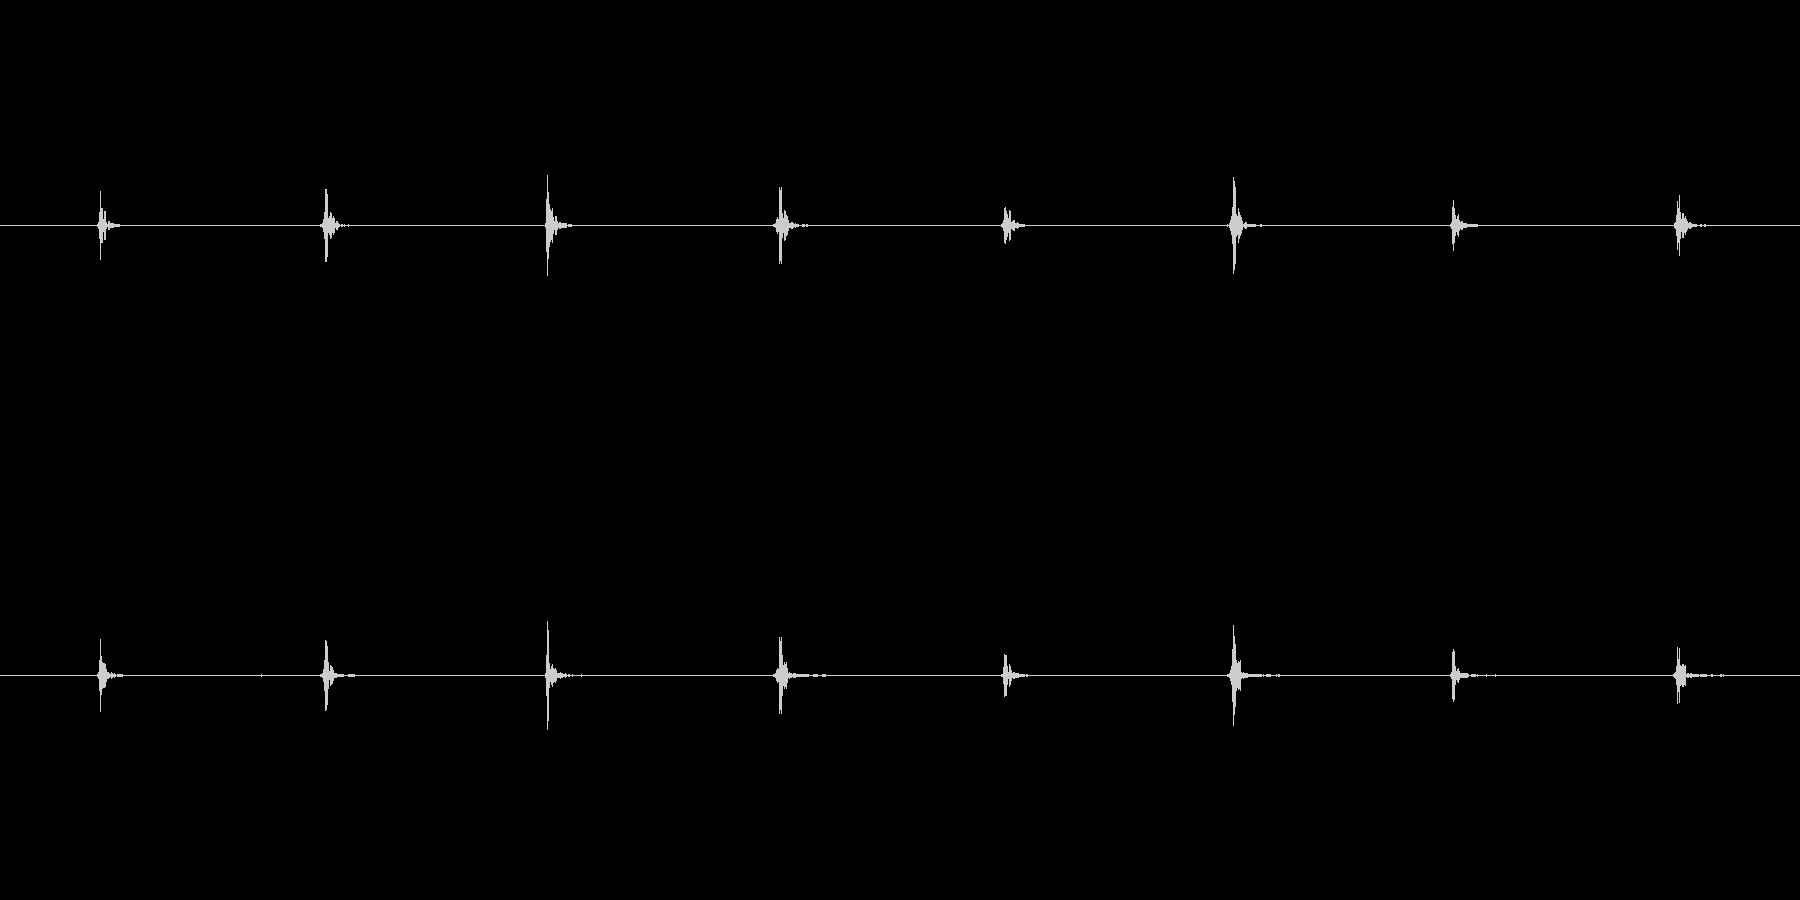 モンスター 足取り03の未再生の波形